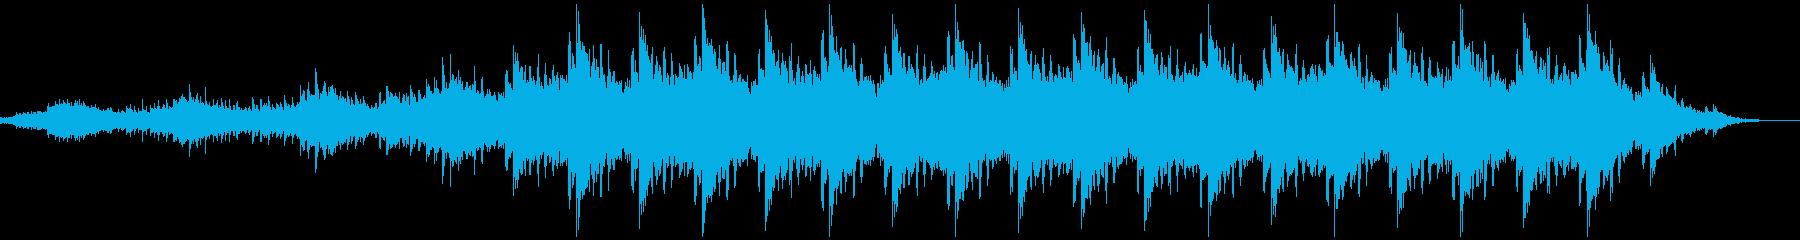 神秘的 穏やか リラクゼーション3の再生済みの波形